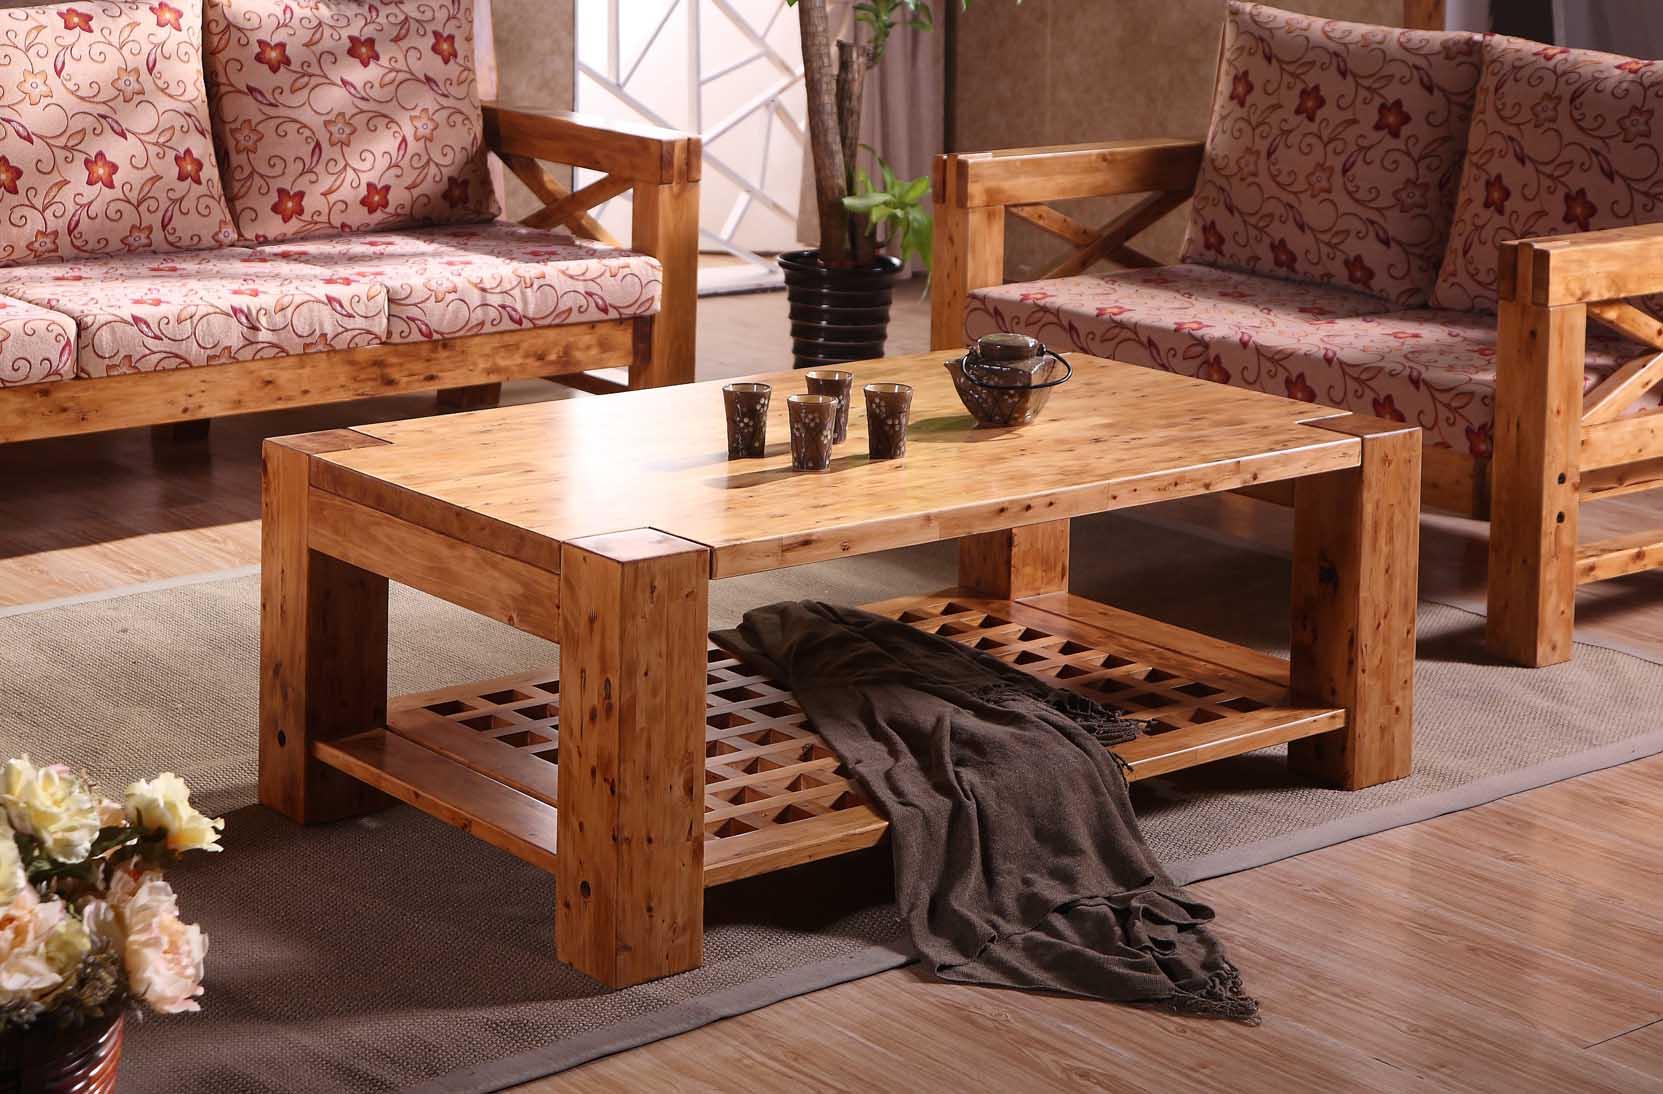 人们对于家具的选择不仅只是注重产品价格款式、功能,更多的是家具的环保及此给健康带来的保证。而柏木家具是实木家具的一种,环保健康是它特点之一。那么下面我们就来看看柏木家具十大品牌最新排名。    柏木家具十大品牌-陈实柏木   陈实柏木家具产品在质量上面具有结构稳定牢固、耐脏、耐磨和耐刮等特点,在设计上面整体时尚美观、款式新颖独特,具有本色系列,仿古系列,休闲系等多个系列的选择,是家具市场上面较为畅销的产品之一。   柏木家具十大品牌-沐兰   沐兰家具以健康、养生为设计理念,以先进的生产设备和完善的